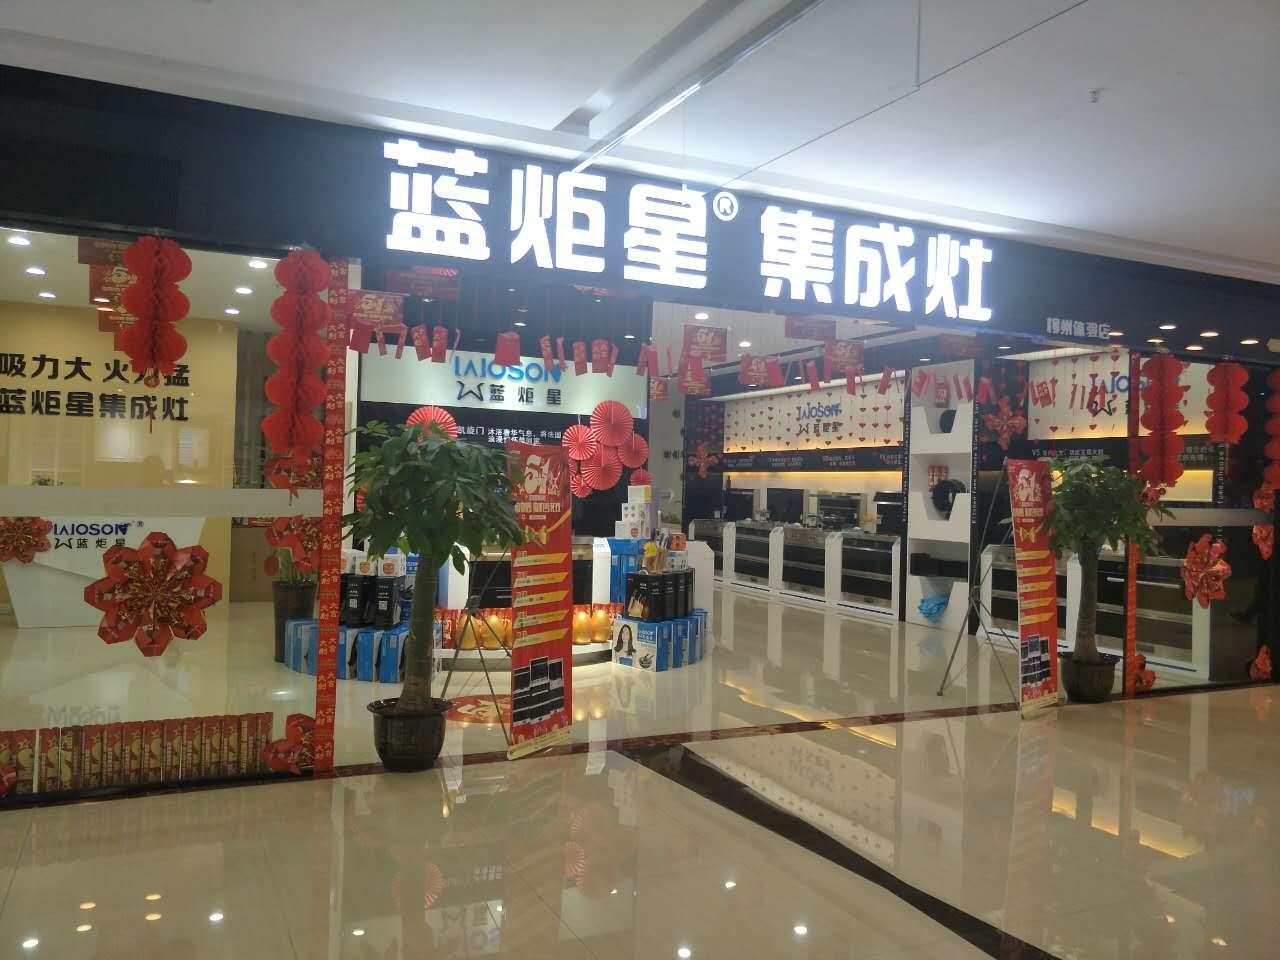 蓝炬星集成灶广西柳州专卖店